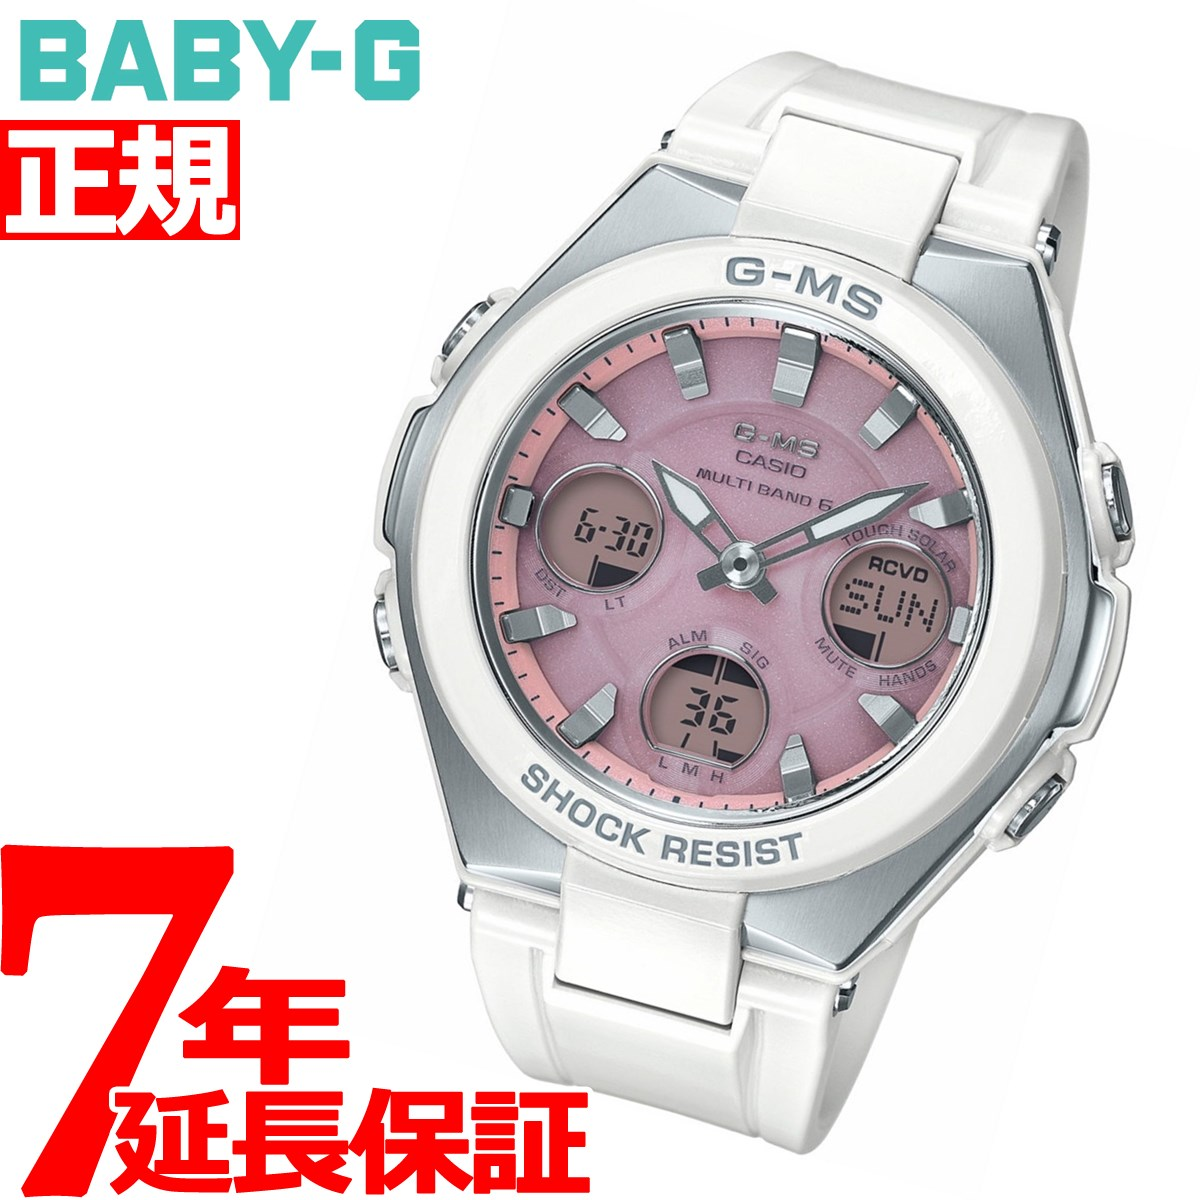 カシオ ベビーG CASIO BABY-G G-MS 電波 ソーラー 電波時計 腕時計 レディース タフソーラー MSG-W100-7A3JF【2018 新作】